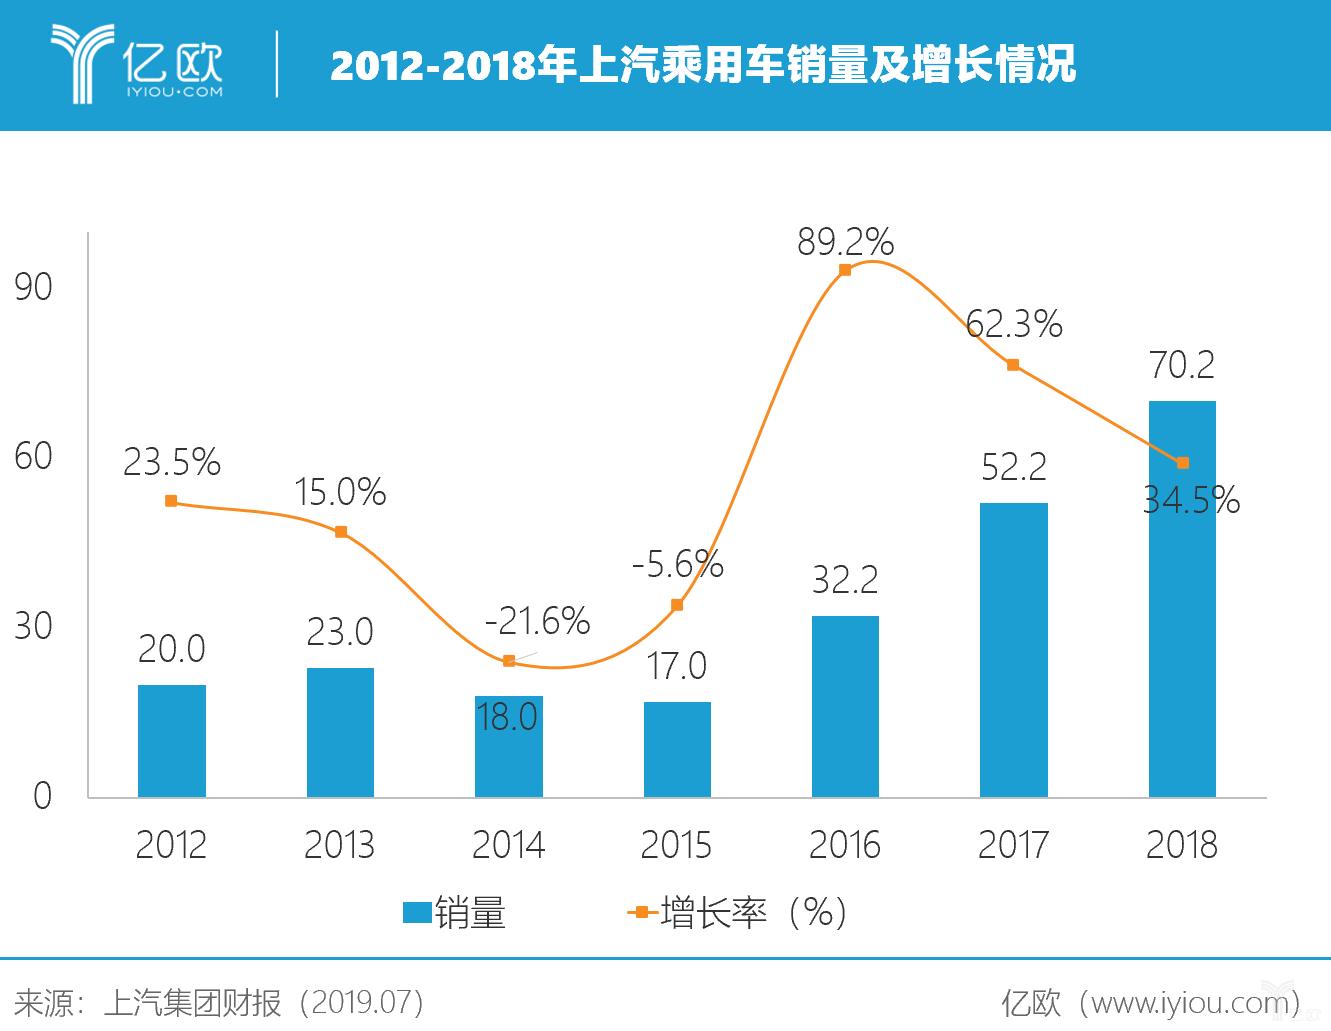 2012-2018年上汽乘用车销量及增长情况